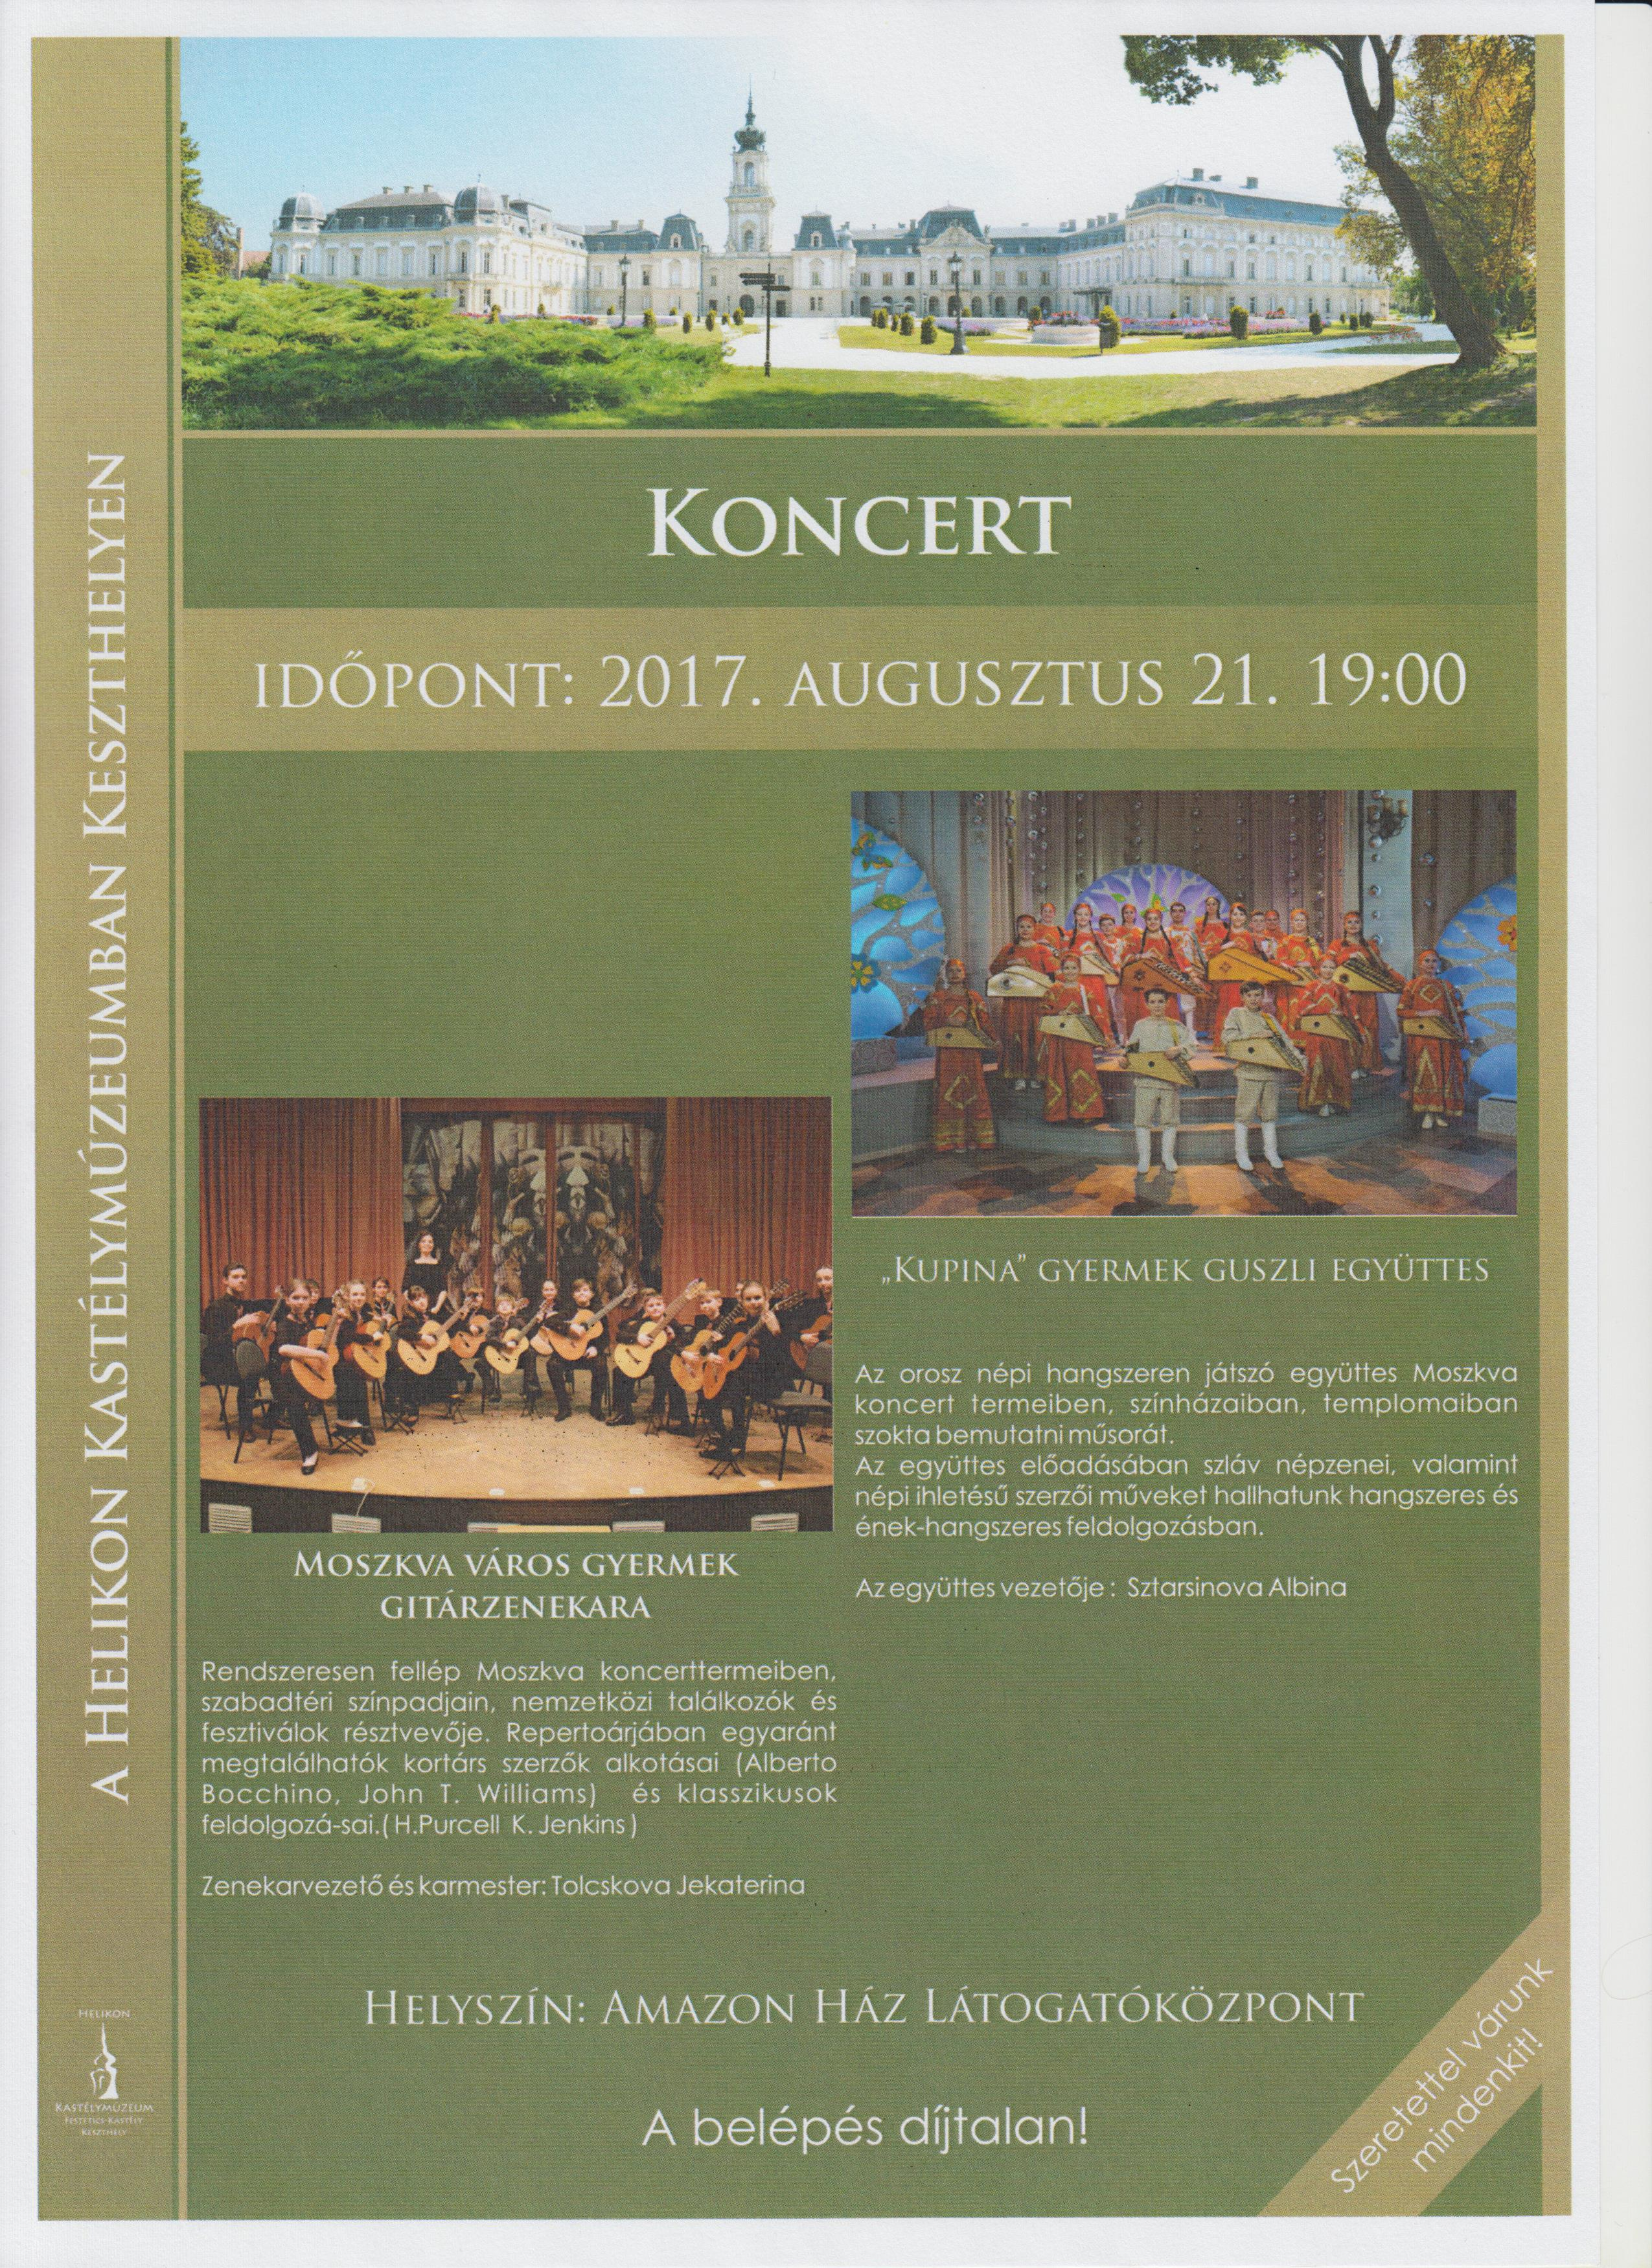 amazon koncert